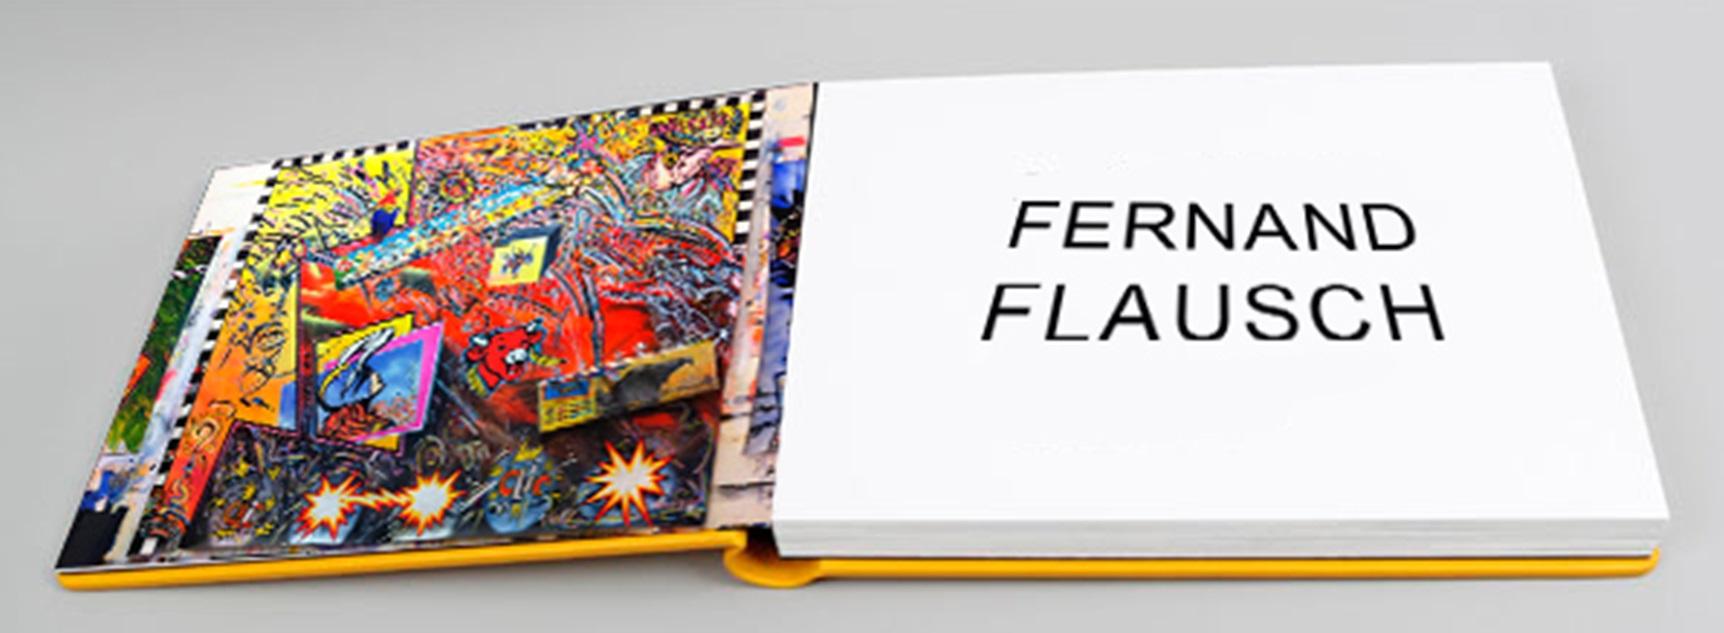 Fernand Flausch Artist Book